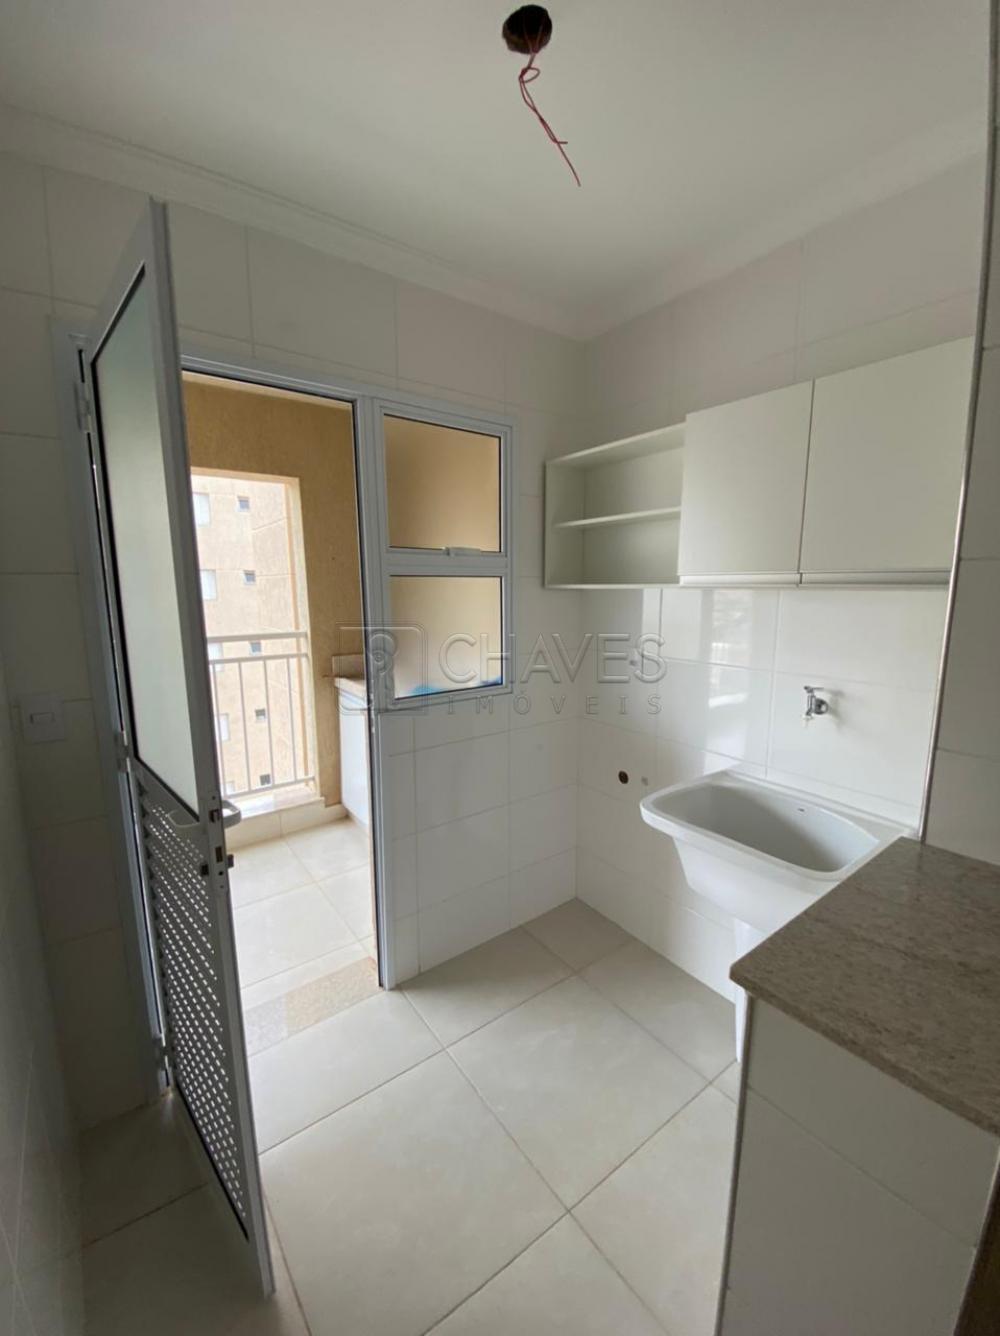 Comprar Apartamento / Padrão em Ribeirão Preto R$ 400.000,00 - Foto 18